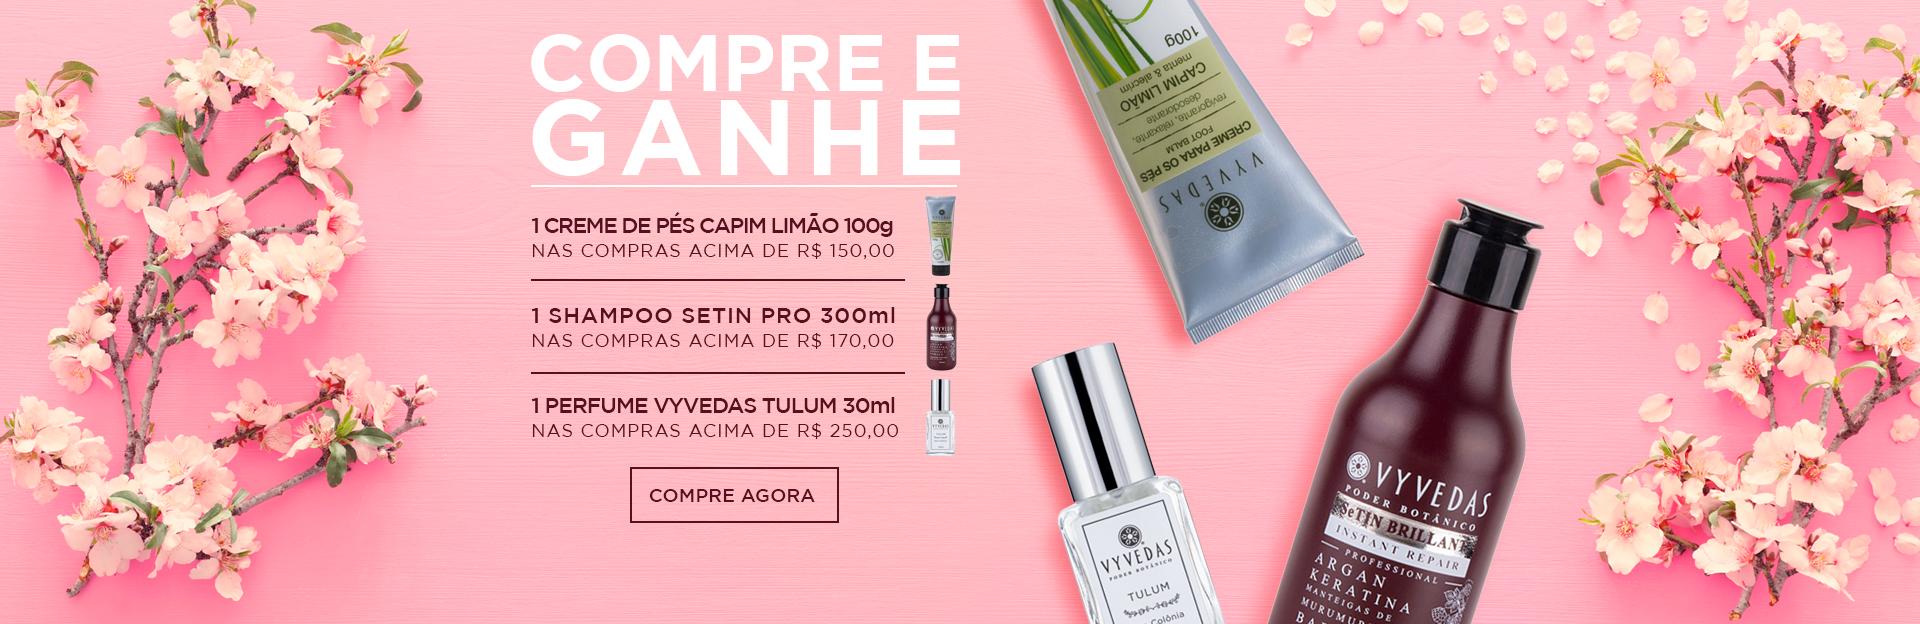 COMPRE E GANHE